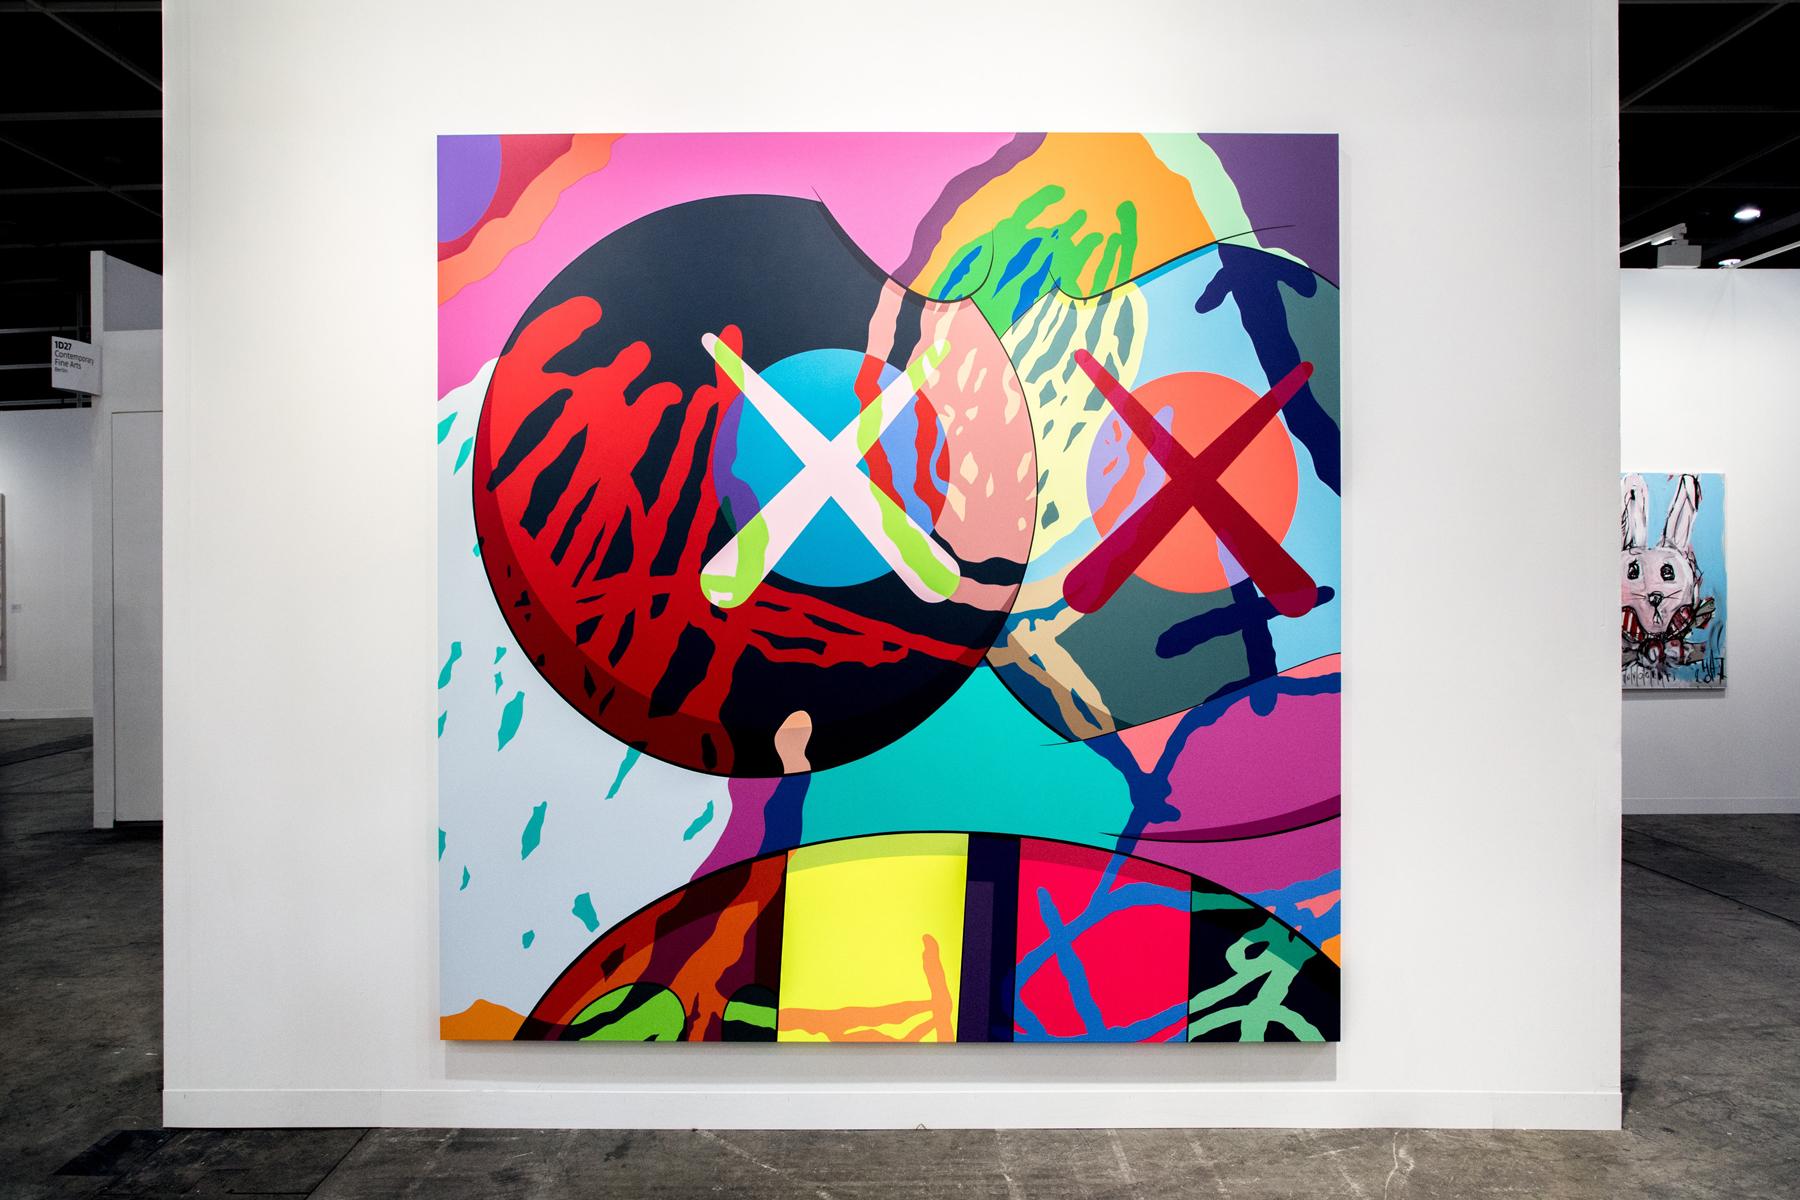 香港藝術周 6 個不容錯過之展覽   HYPEBEAST